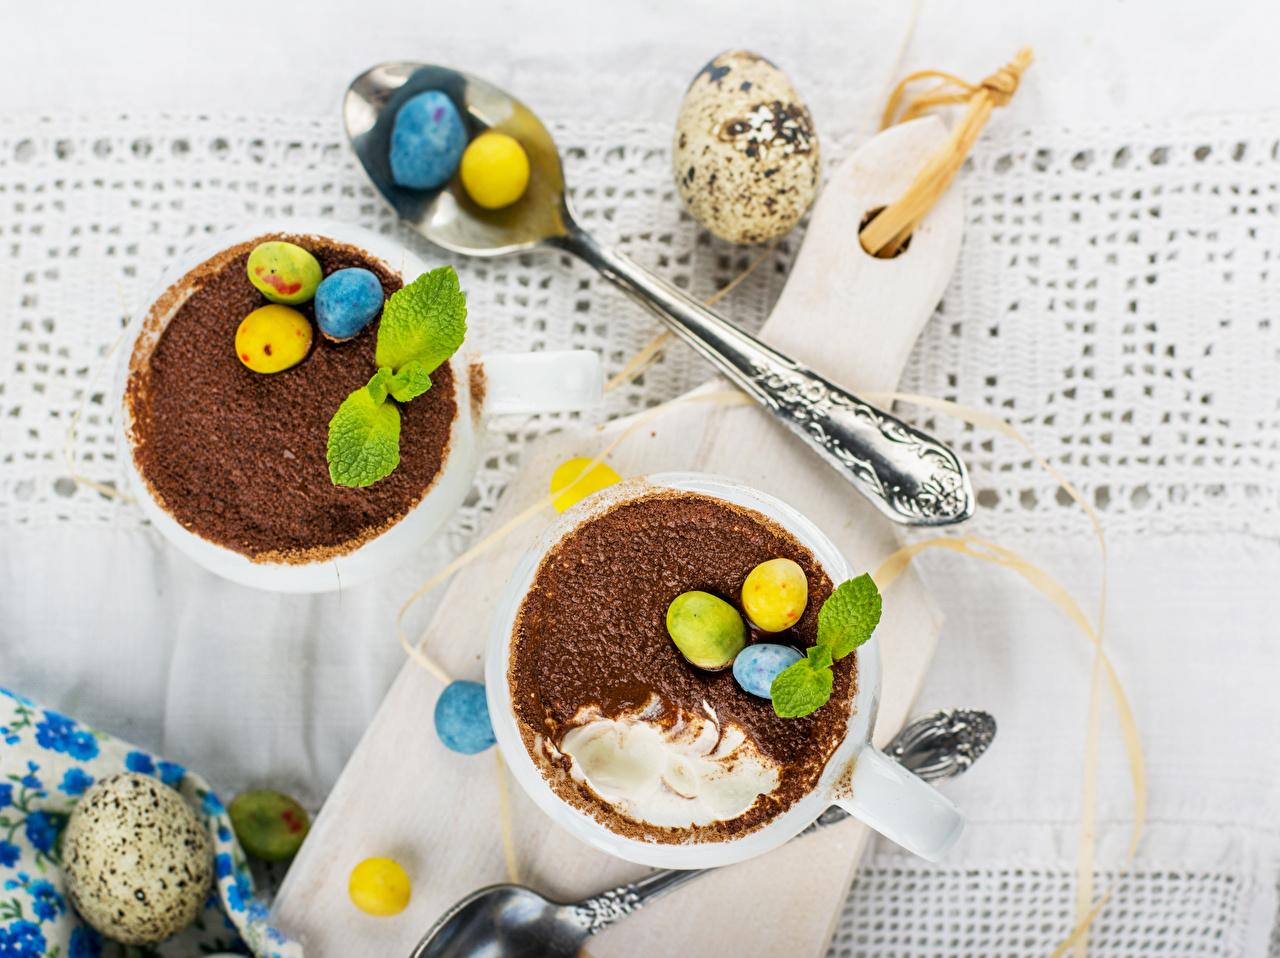 Обои для рабочего стола Пасха лист яиц Шоколад Ложка разделочной доске Напитки Листья Листва яйцо Яйца яйцами ложки Разделочная доска напиток